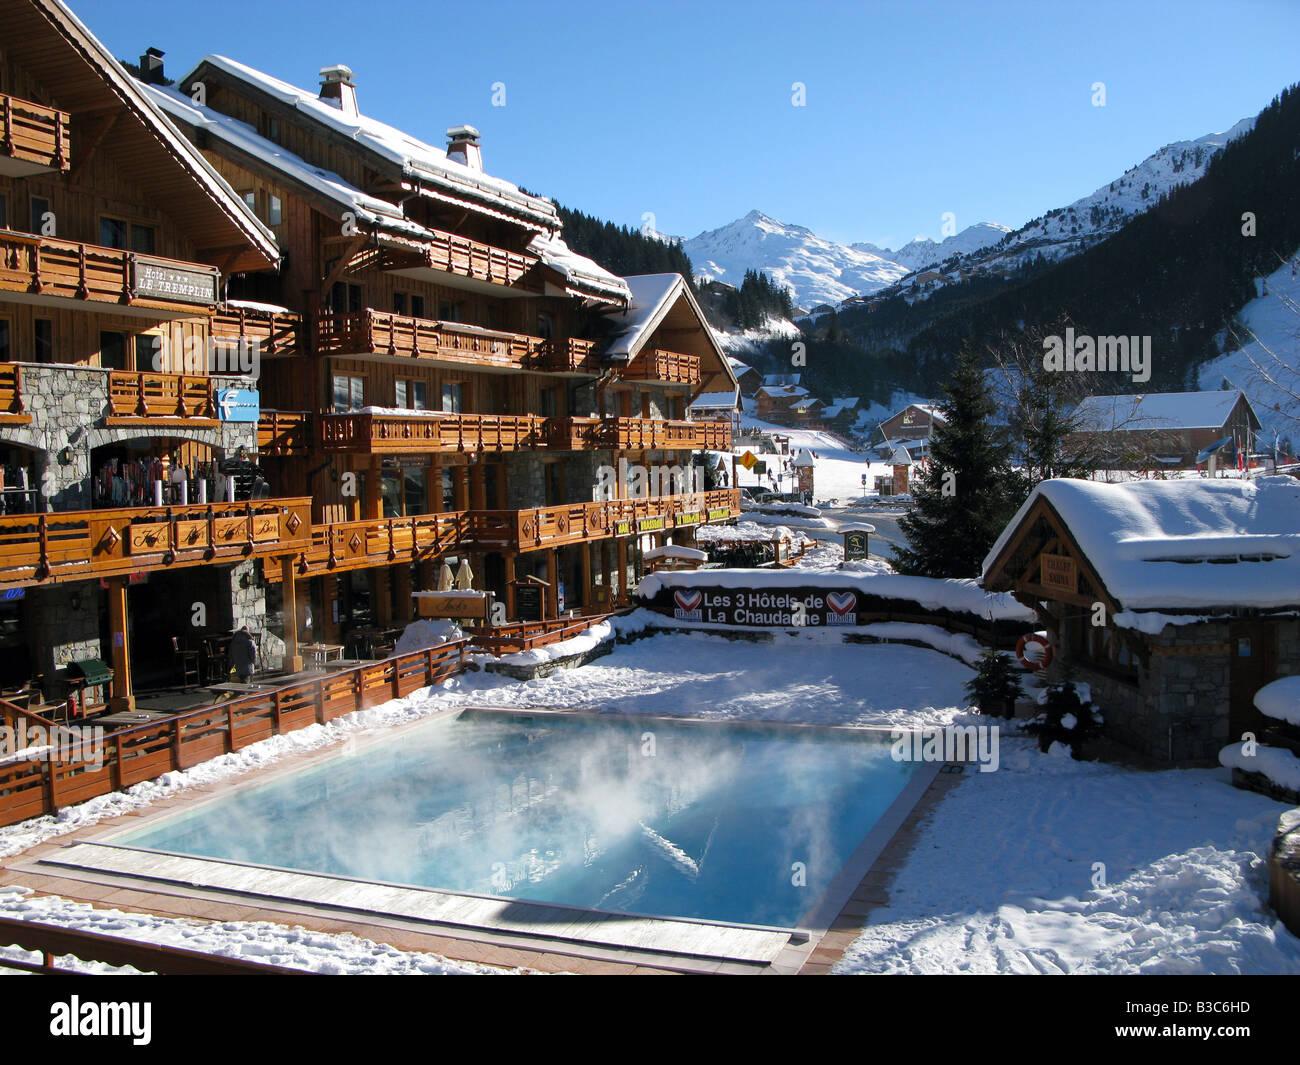 Hotel Piscine Meribel